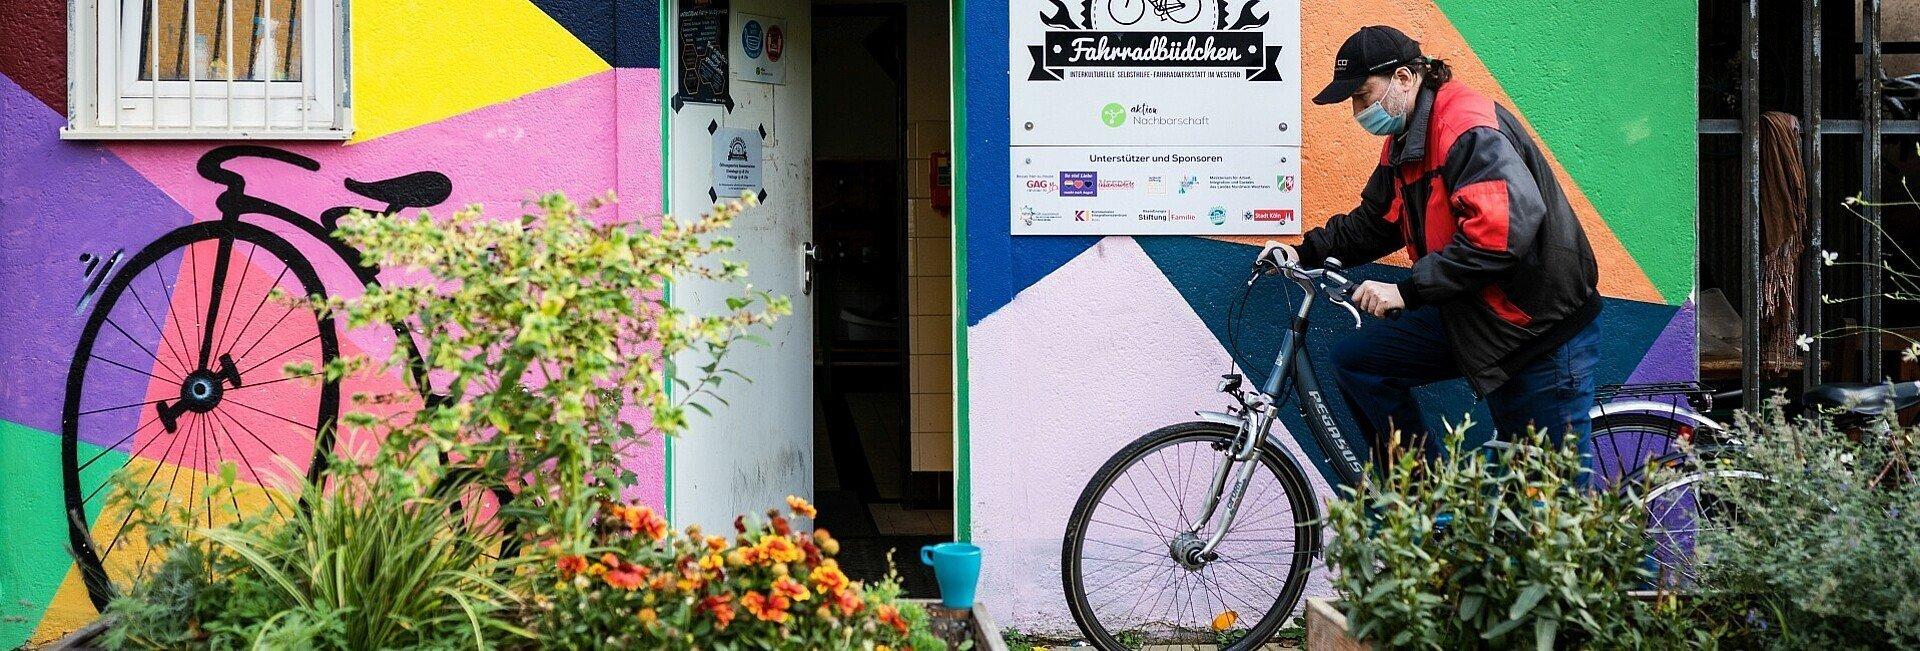 Das Bickendorfer Fahrradbüdchen ist Treffpunkt, Schrauberwerkstatt und Nachbarschaftshilfe